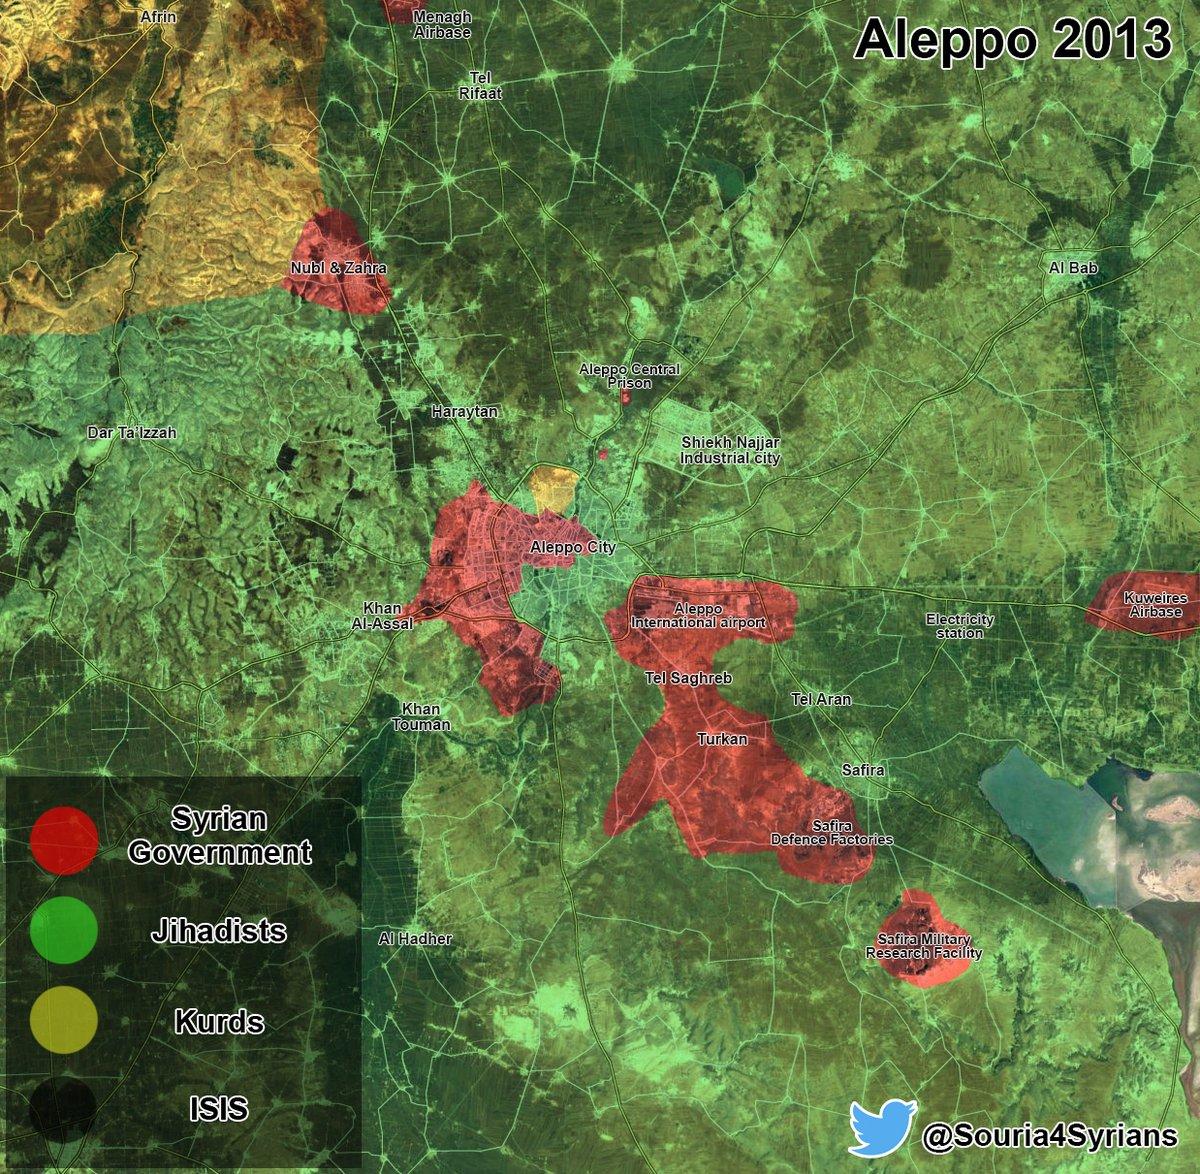 Maps Comparison: Aleppo City in 2013 vs Aleppo City in 2016